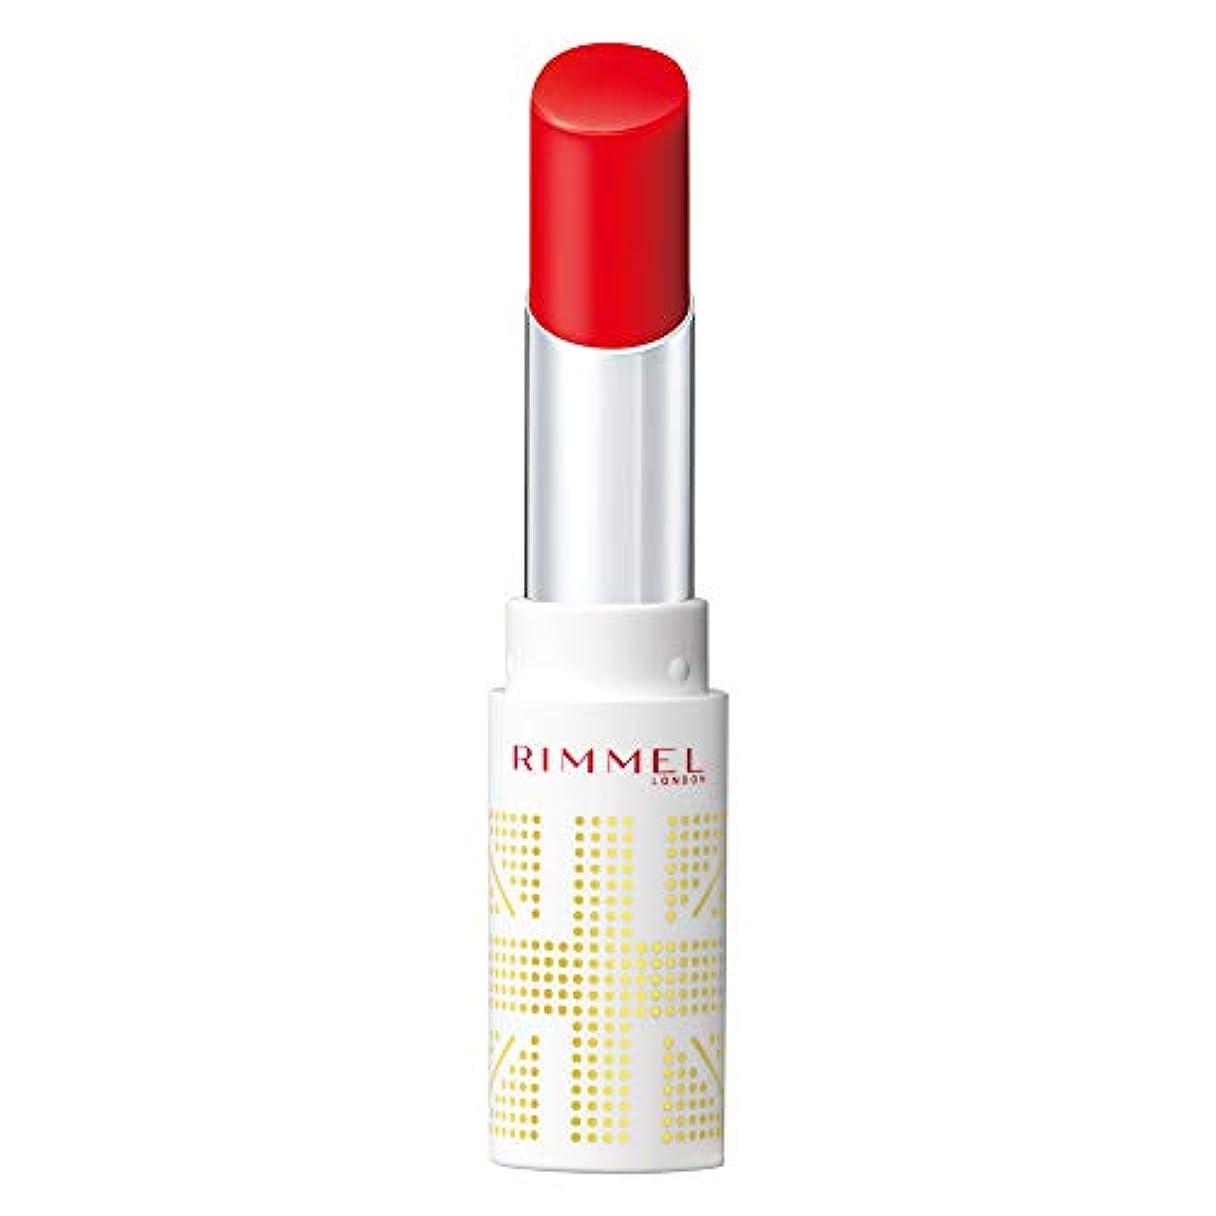 むちゃくちゃ同級生補うRimmel (リンメル) リンメル ラスティングフィニッシュ オイルティントリップ 002 マンダリンレッド 3.8g 口紅